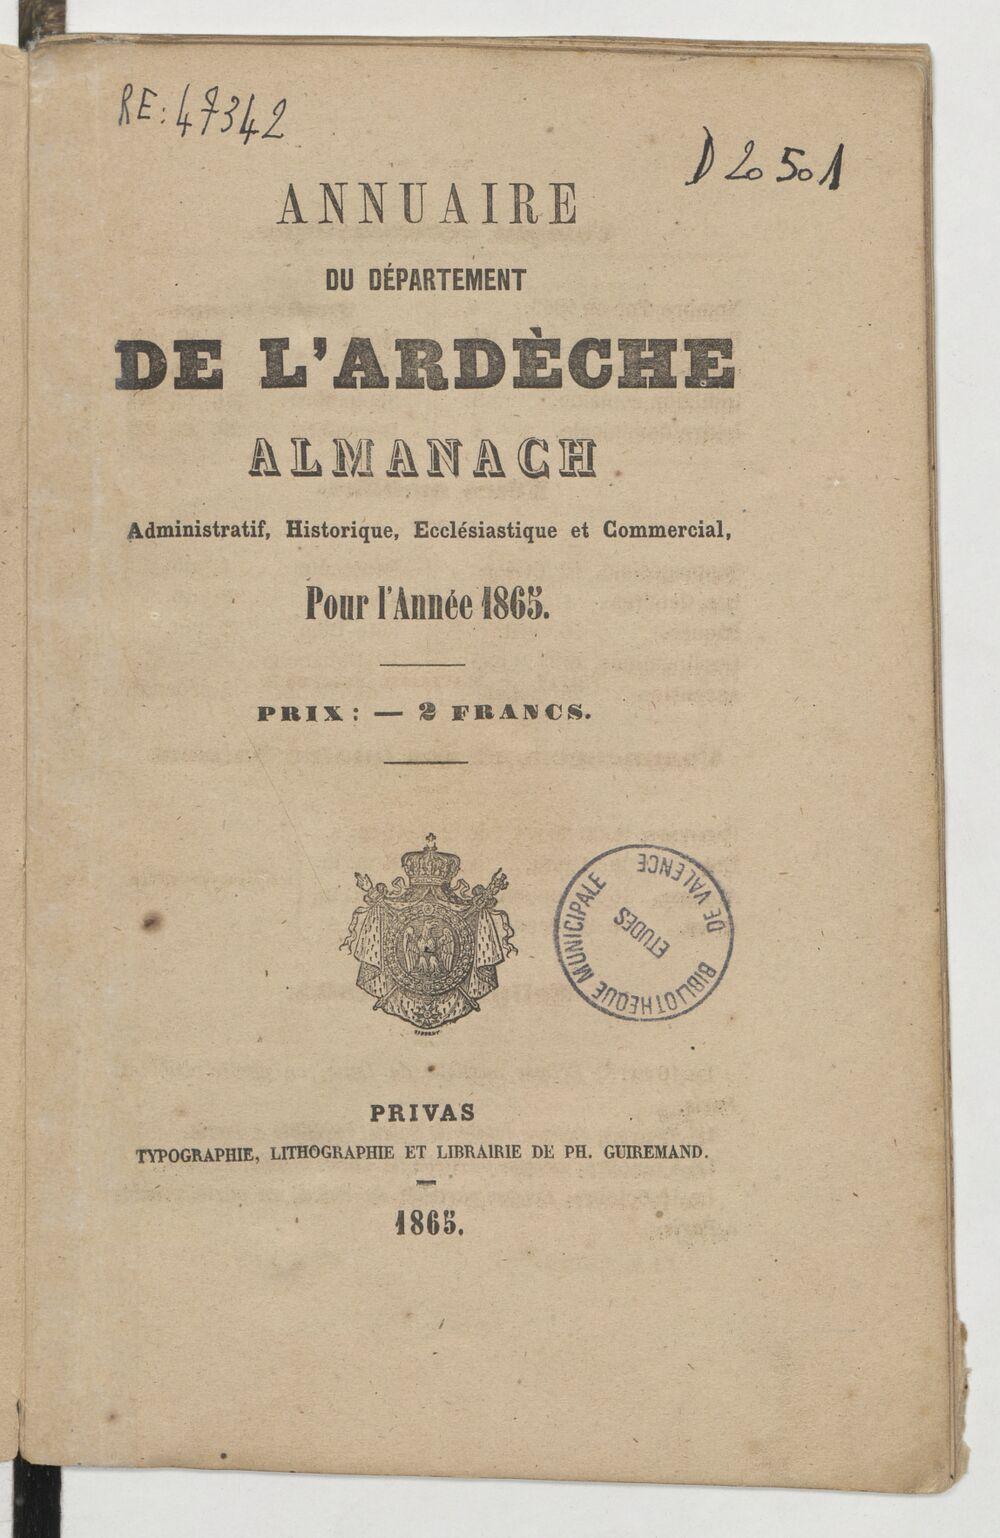 Annuaire du département de l'Ardèche : almanach administratif, ecclésiastique et commercial pour l'année...